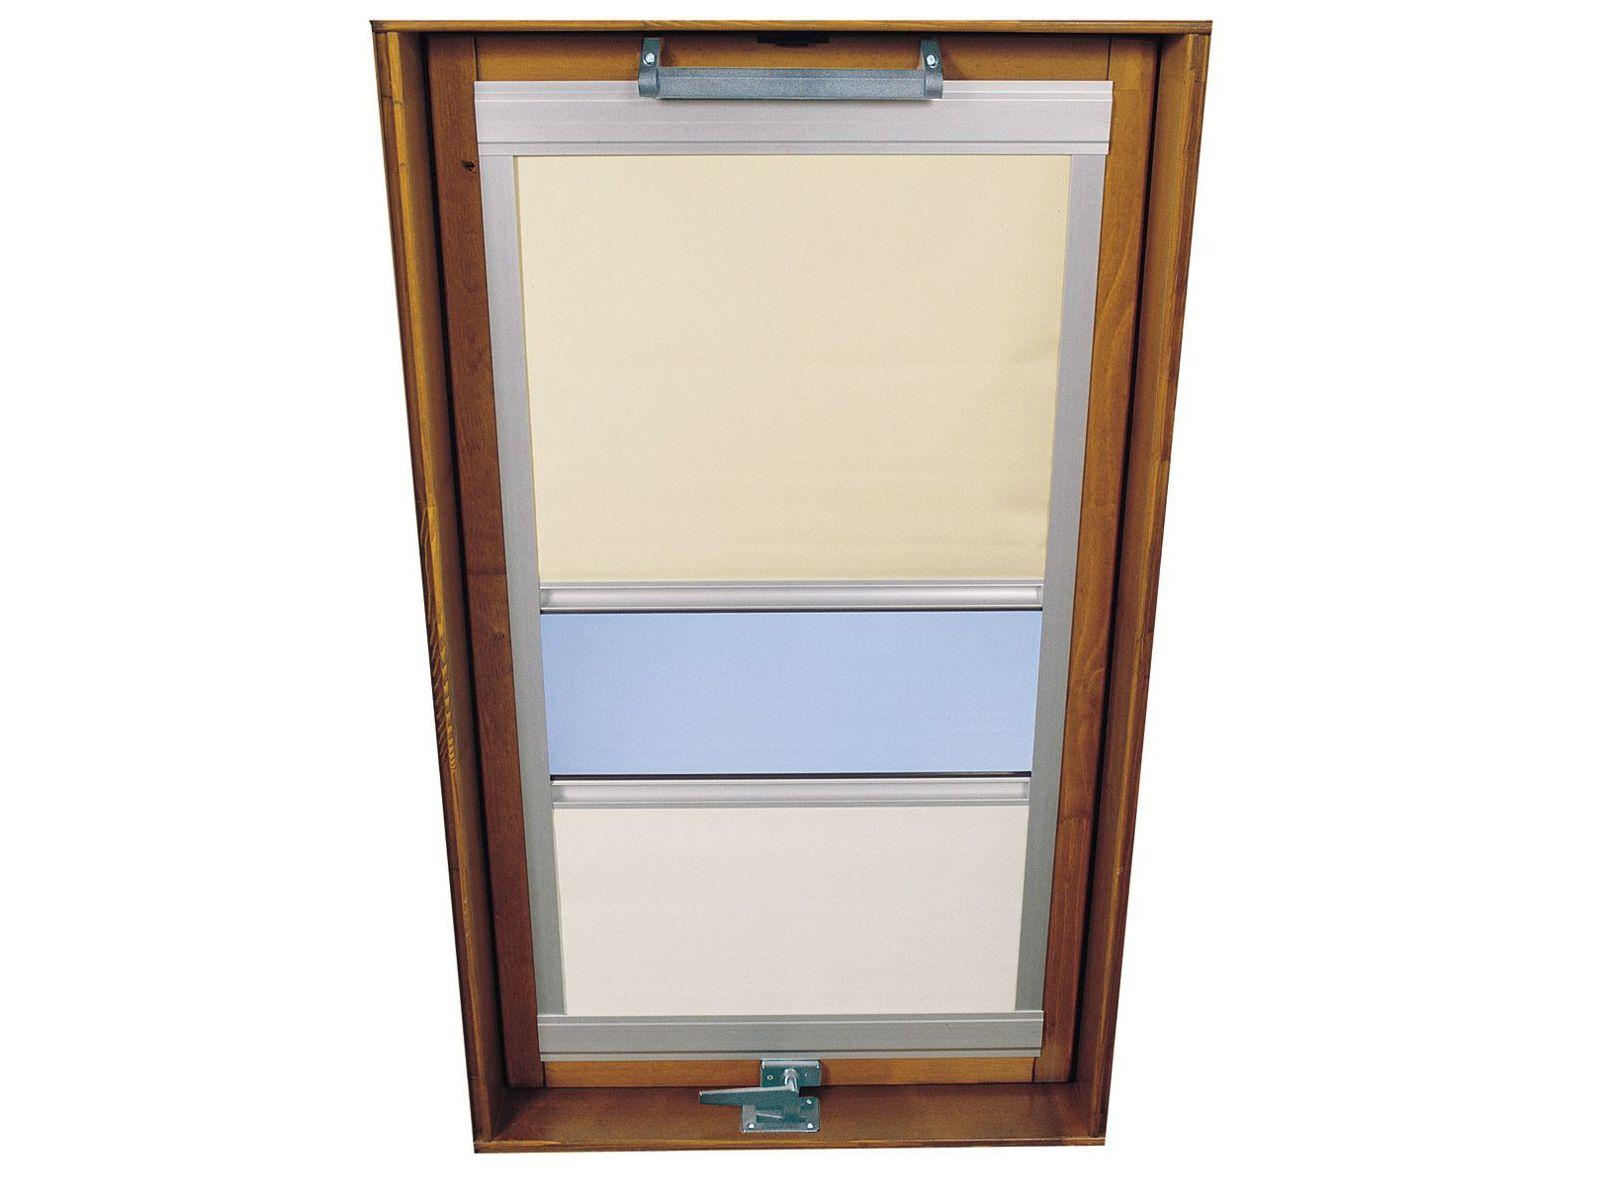 Tenda per finestre da tetto in tessuto tecnico luxin collezione accessori interni per finestre - Tende per finestre da tetto ...